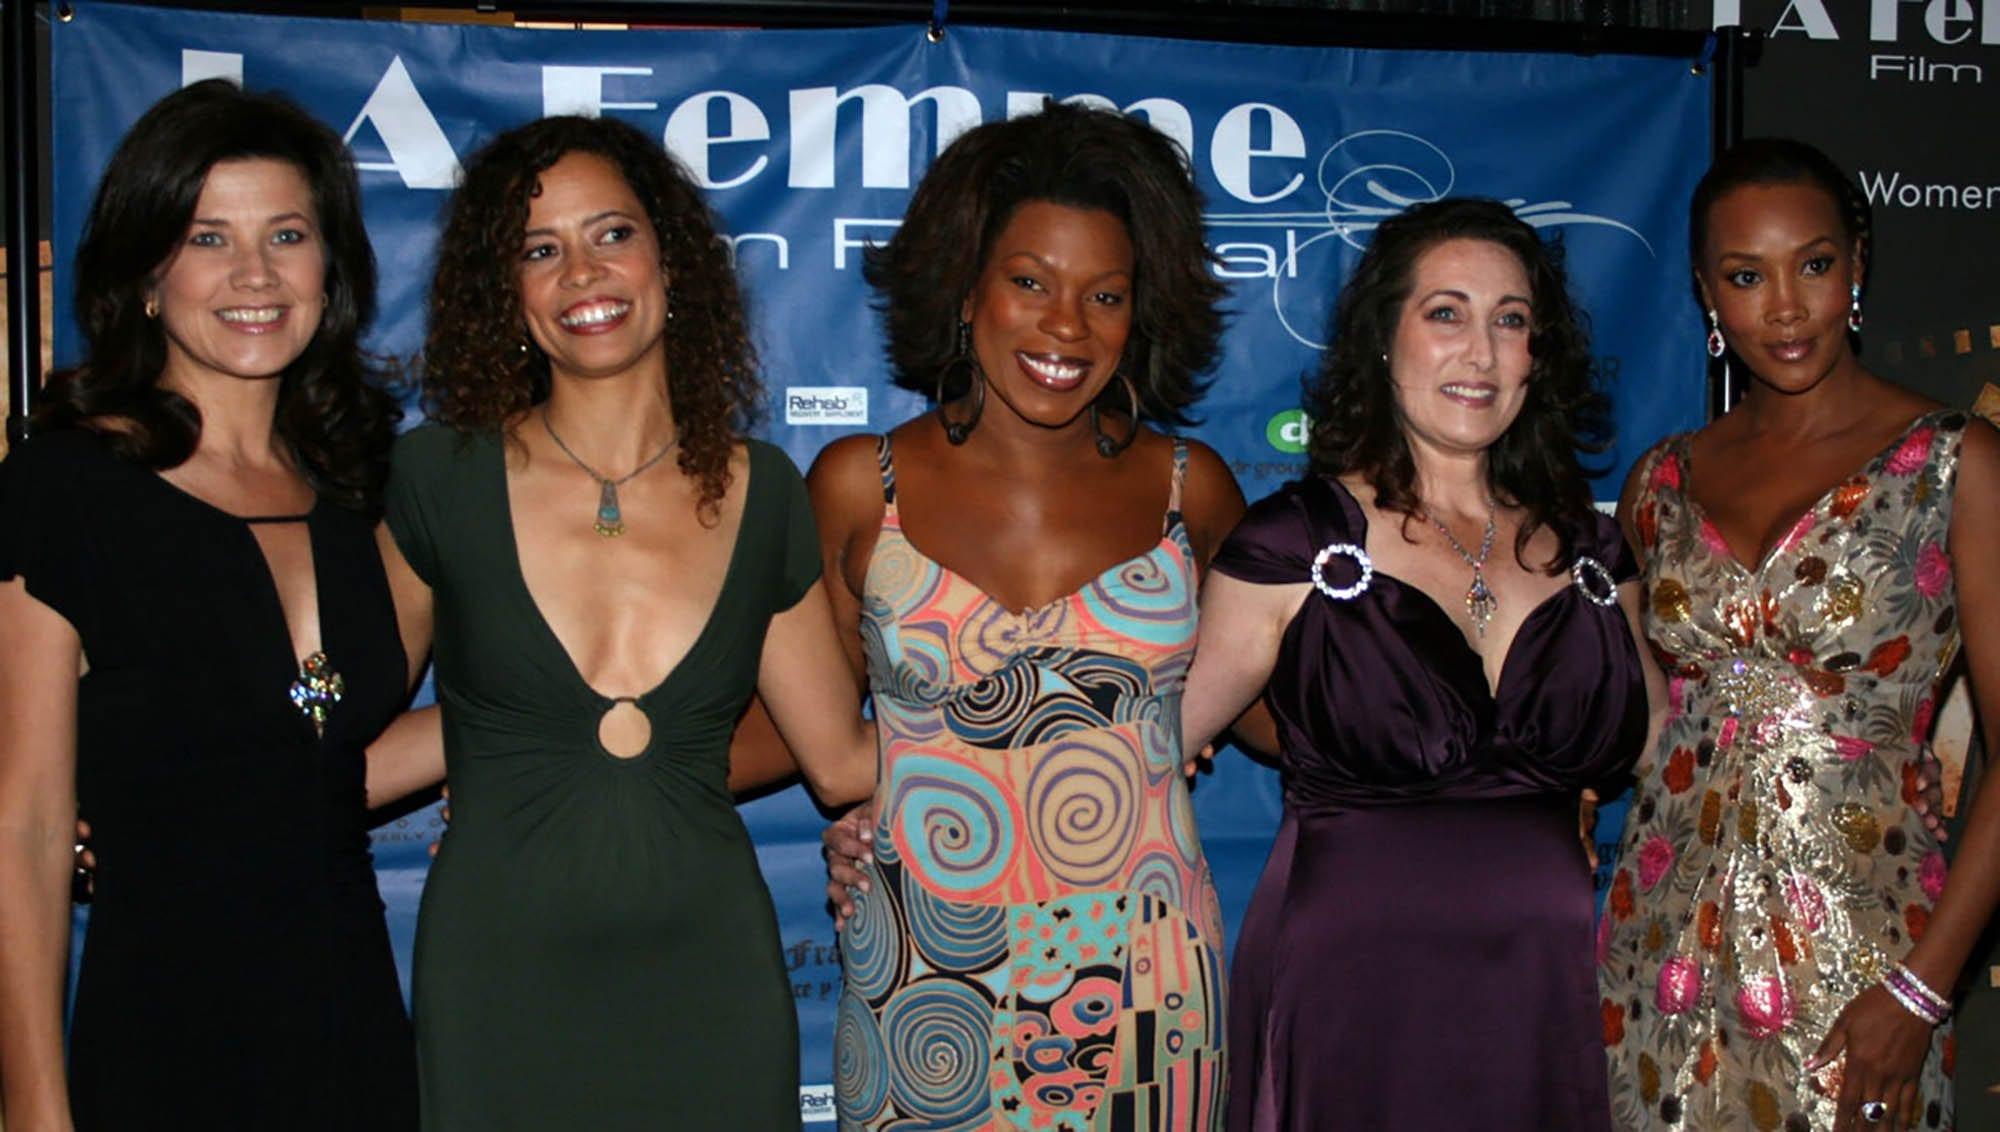 The 10 Female Festivals Best Film Daily Focused UzSVpM